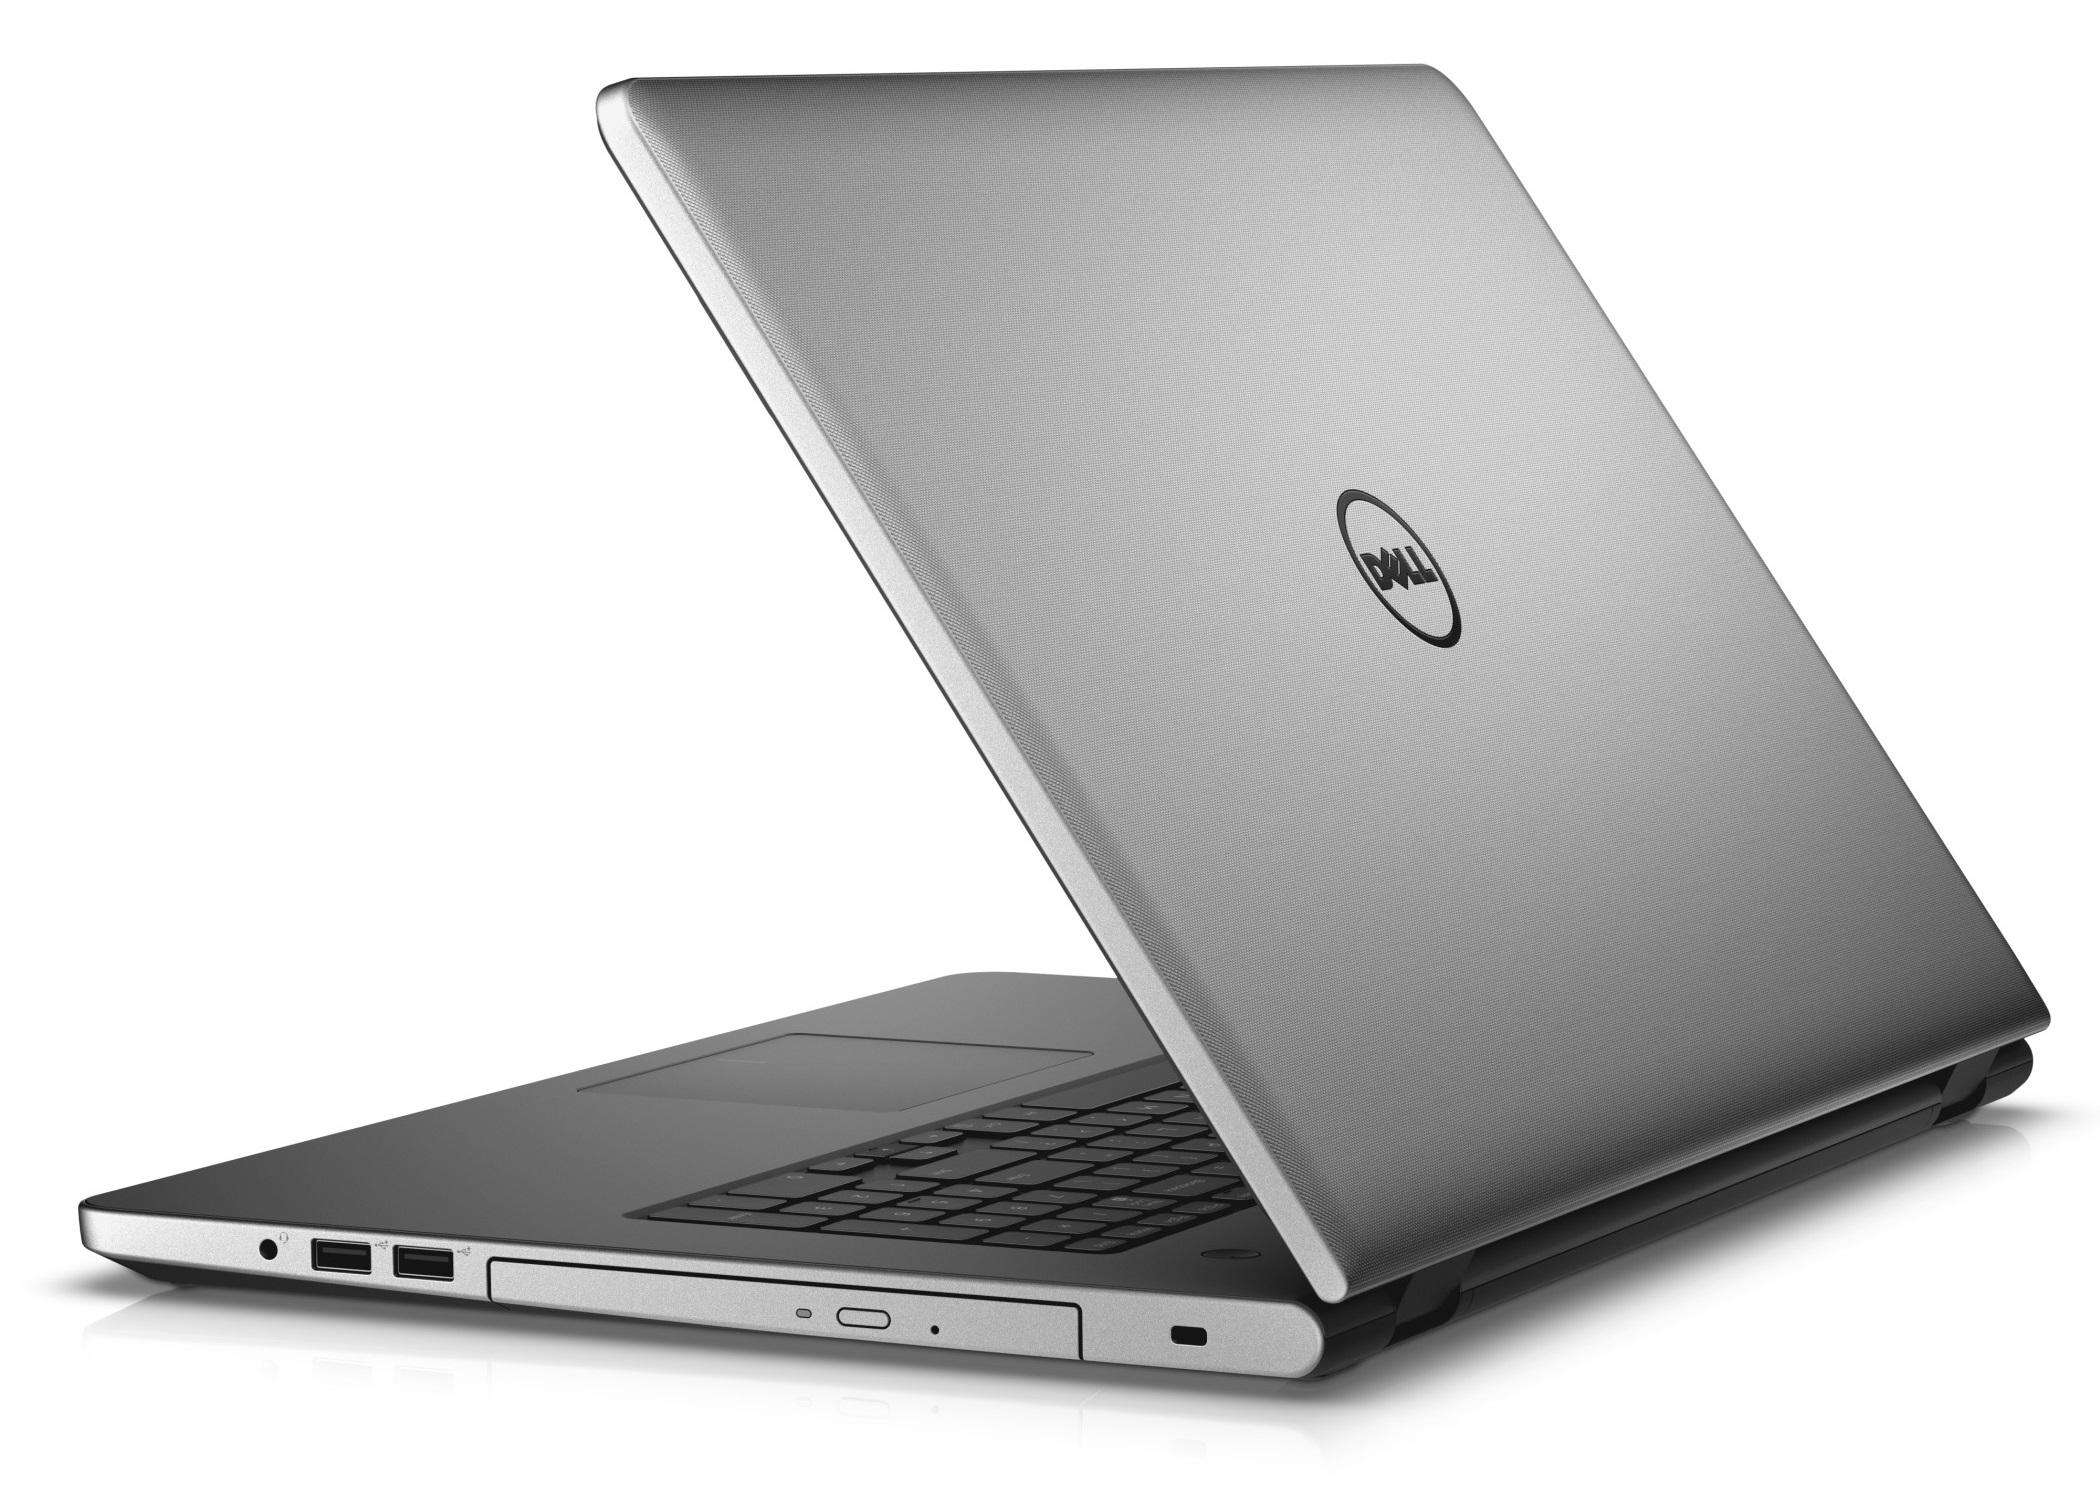 """Dell Inspiron 5759 17"""" FHD i7-6500U/8G/1TB/M335-4G/MCR/HDMI/USB/RJ45/DVD/W10/2RNBD/Stříbrný"""